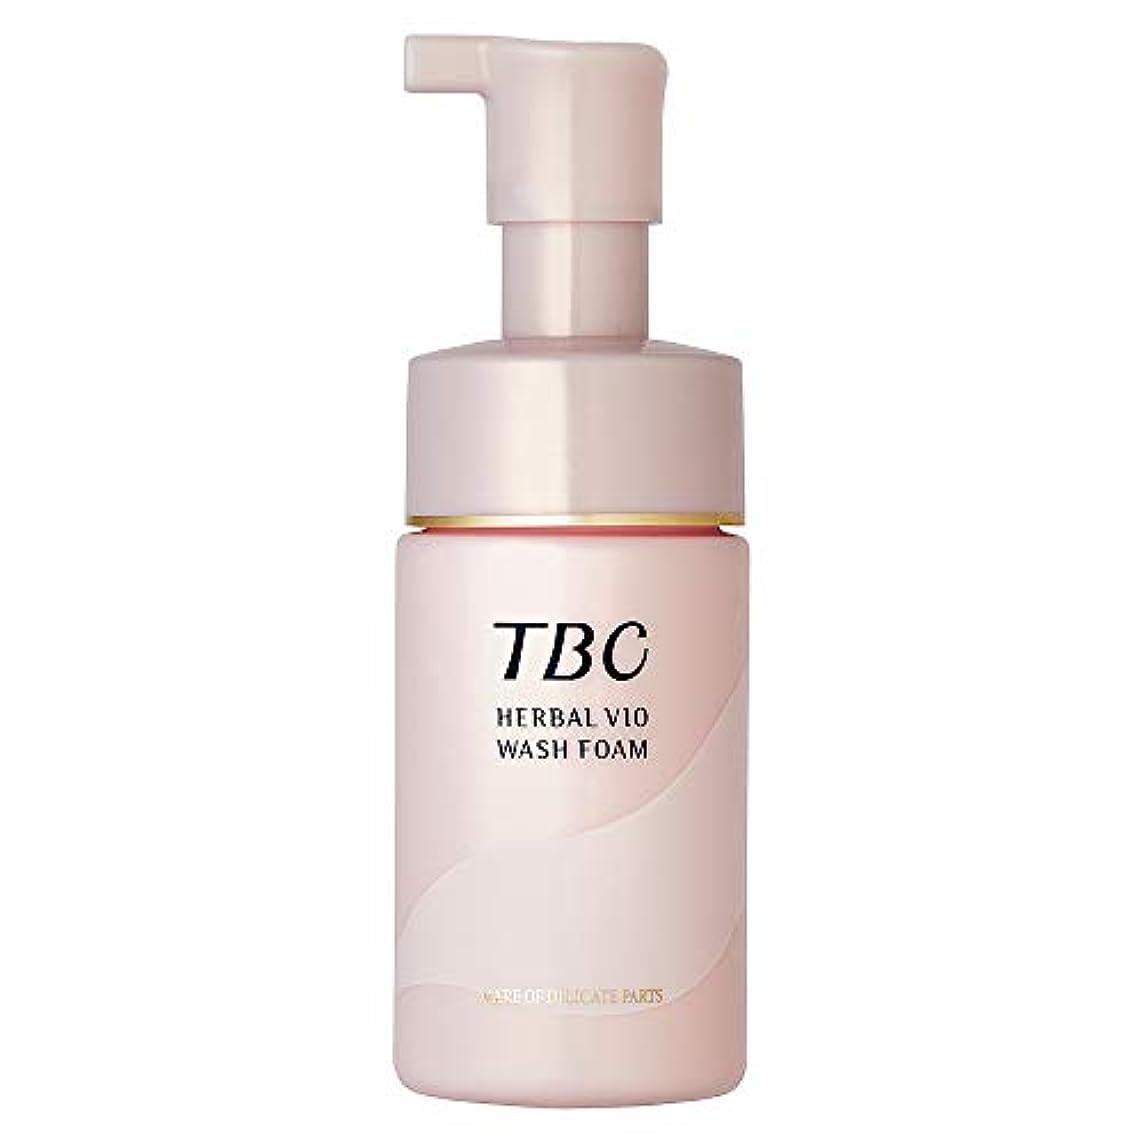 TBC ハーバルVIO ウォッシュフォーム